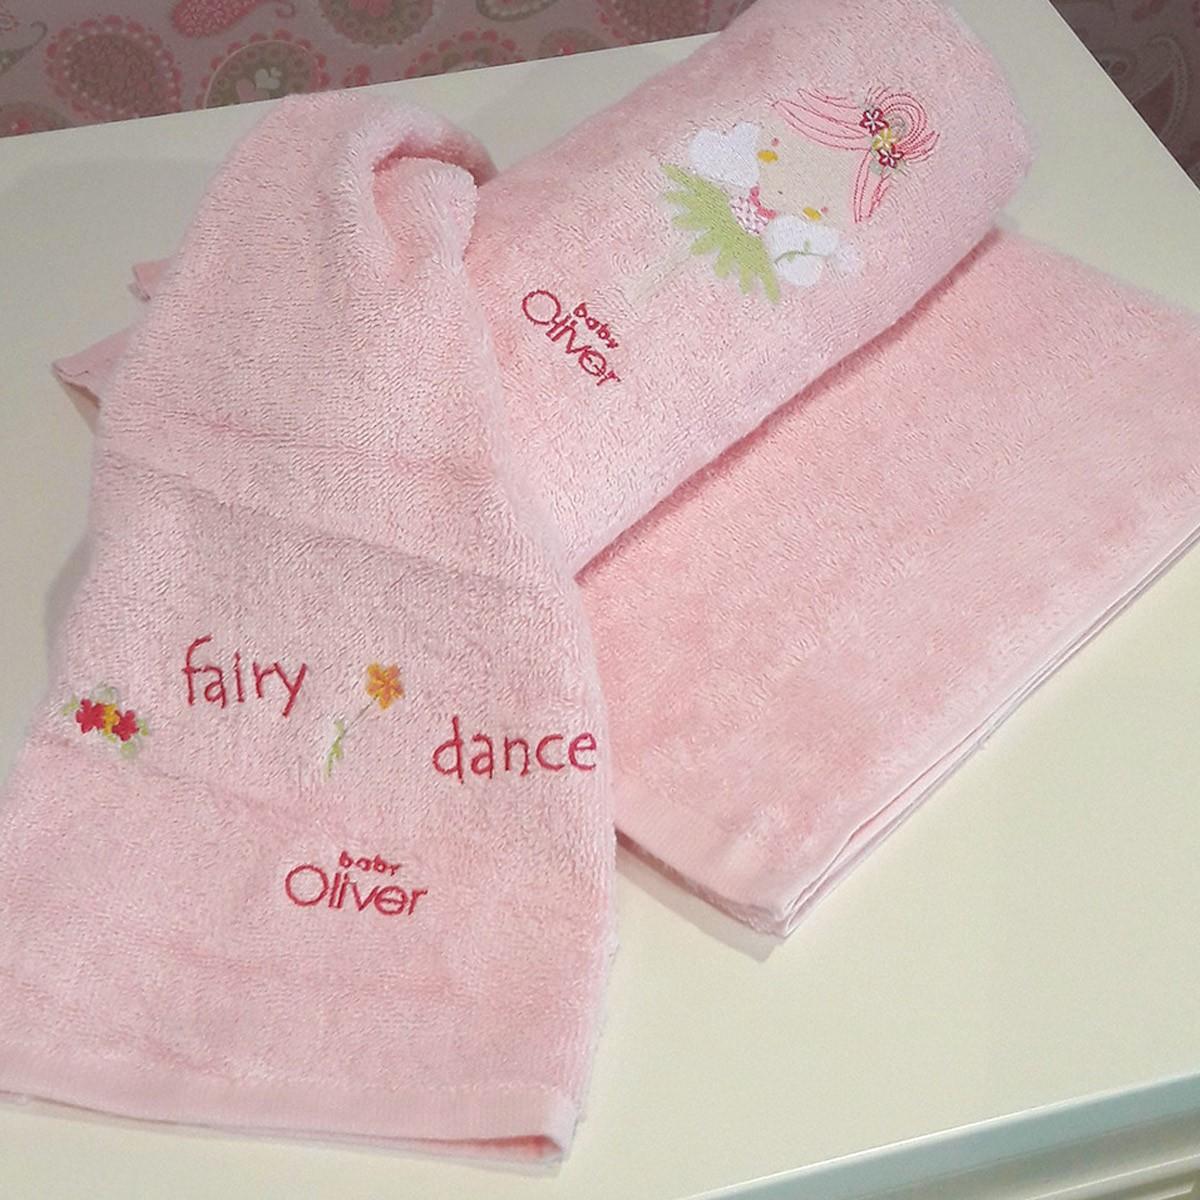 Βρεφικές Πετσέτες (Σετ 2τμχ) Baby Oliver Fairy Dance 307 home   βρεφικά   πετσέτες βρεφικές